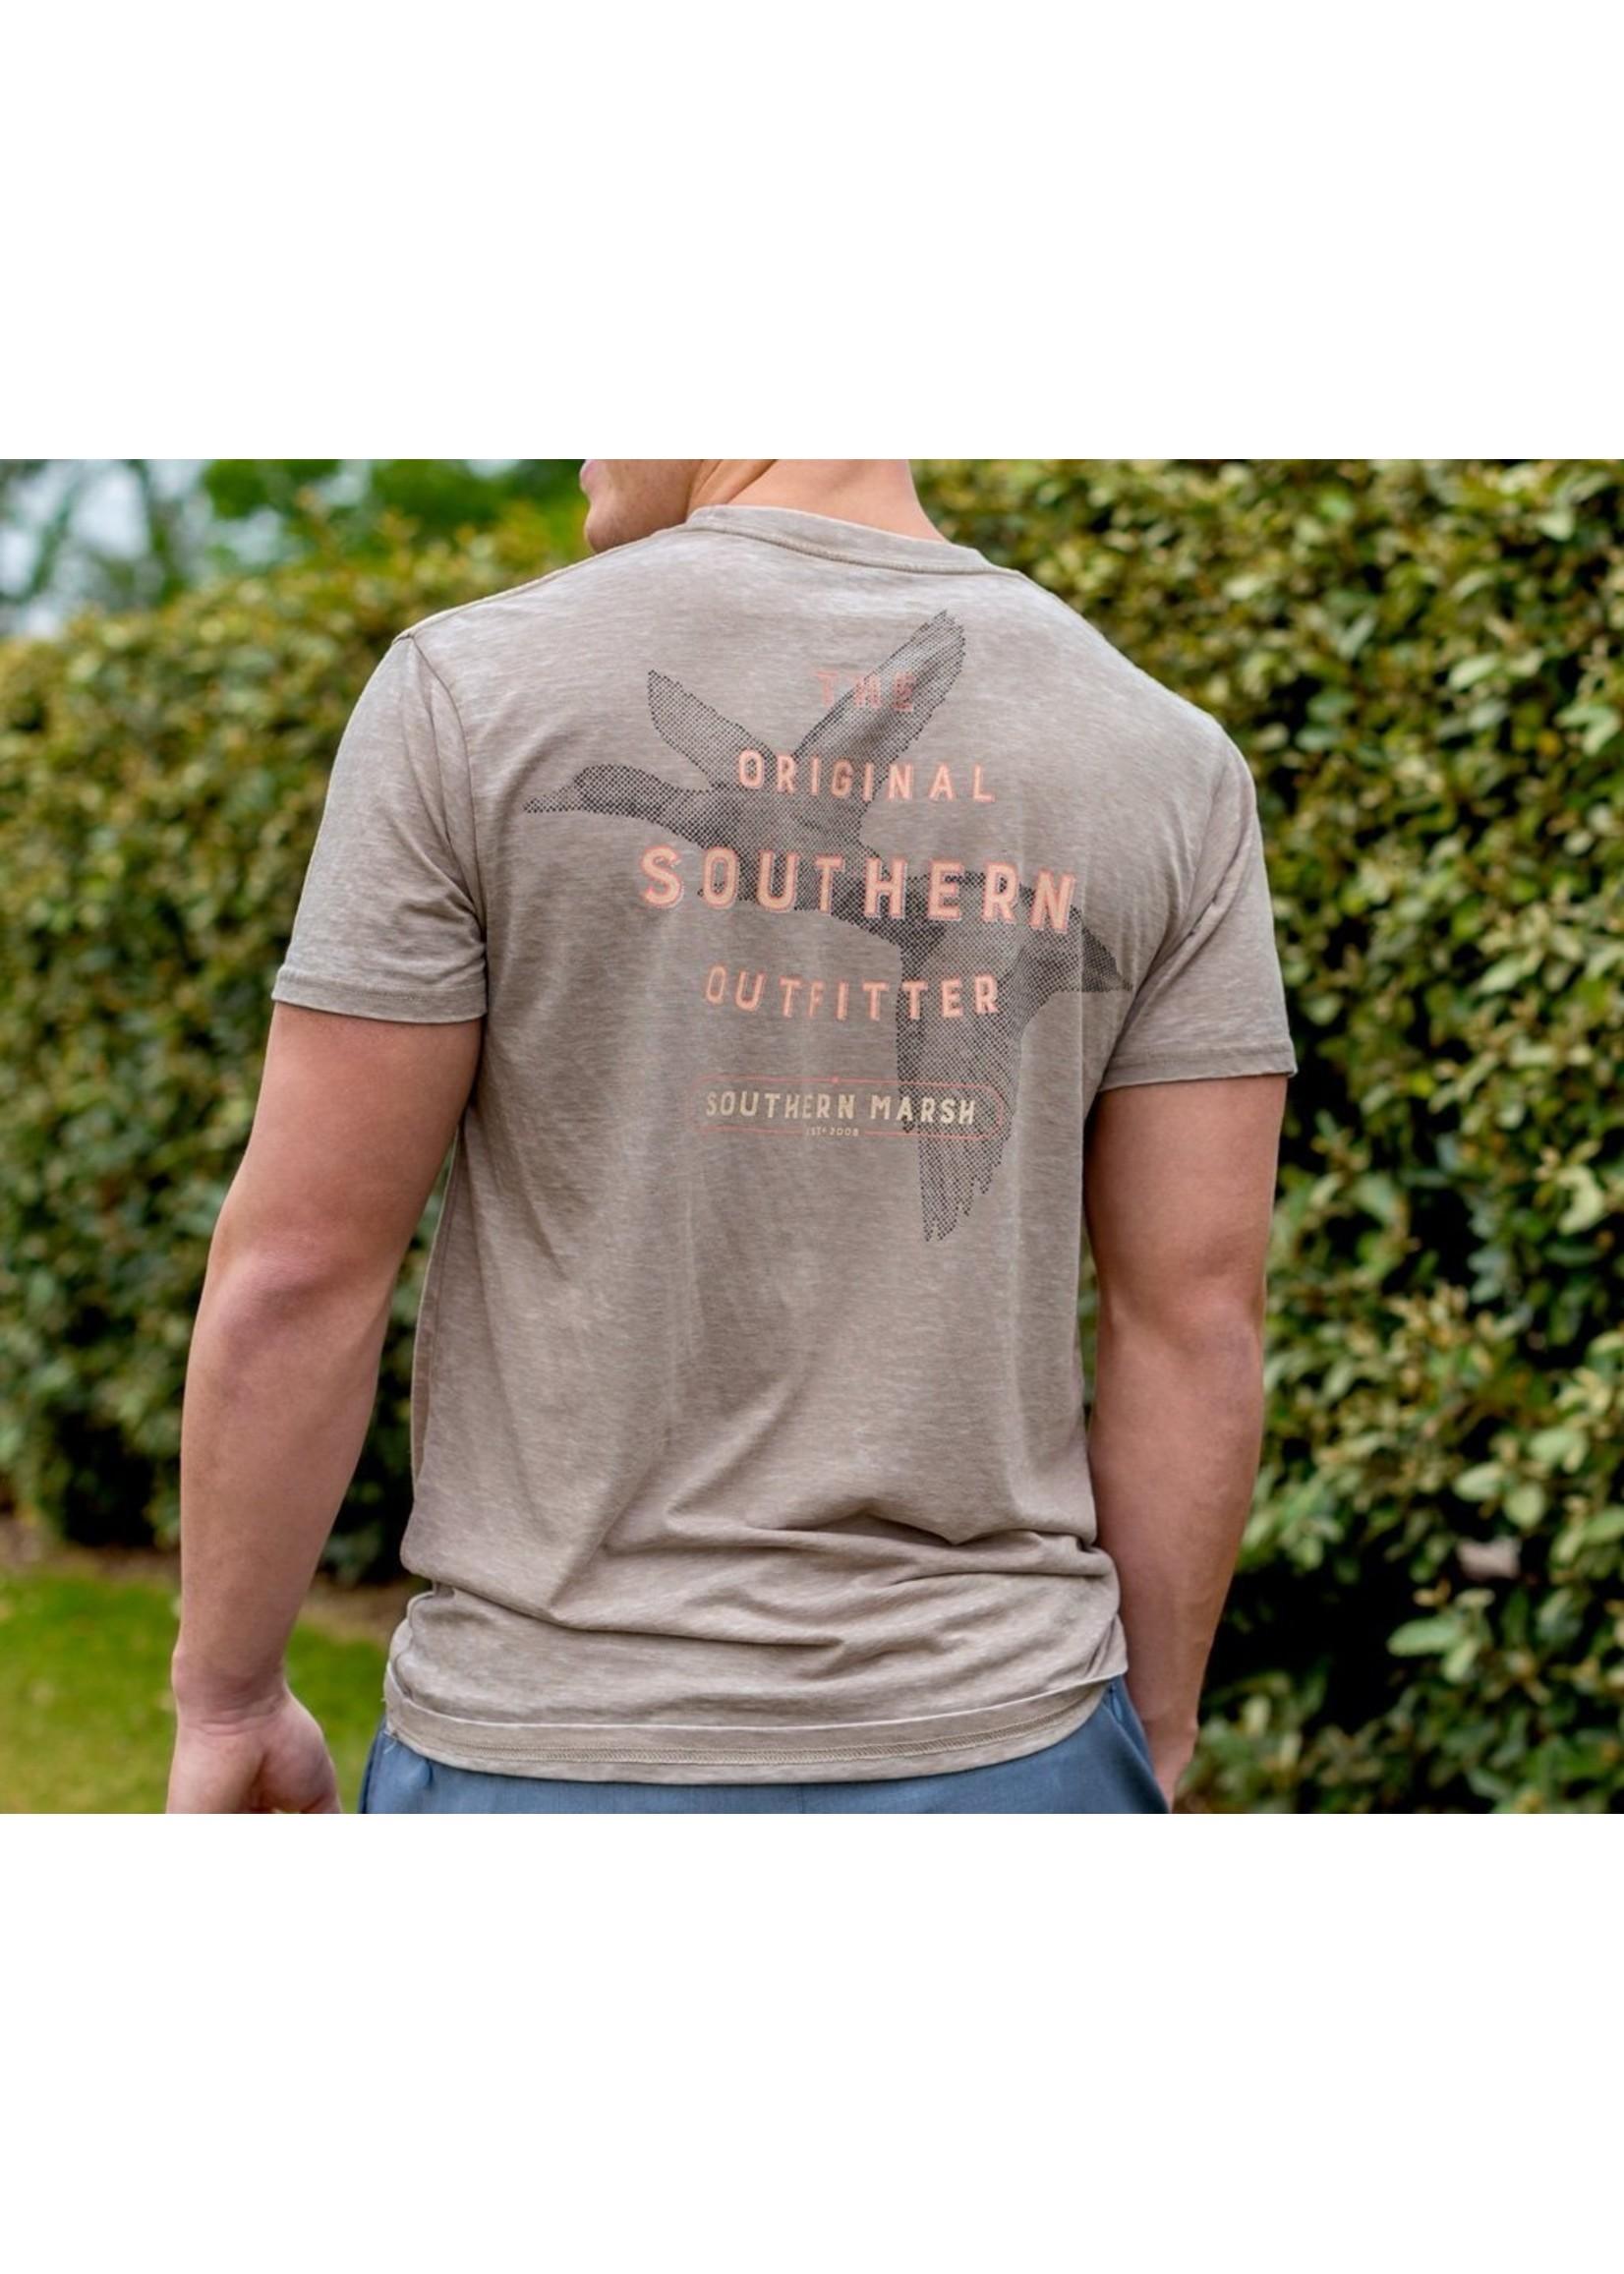 Southern Marsh SEAWASH™ Tee - Branding - Ducks - Short Sleeve